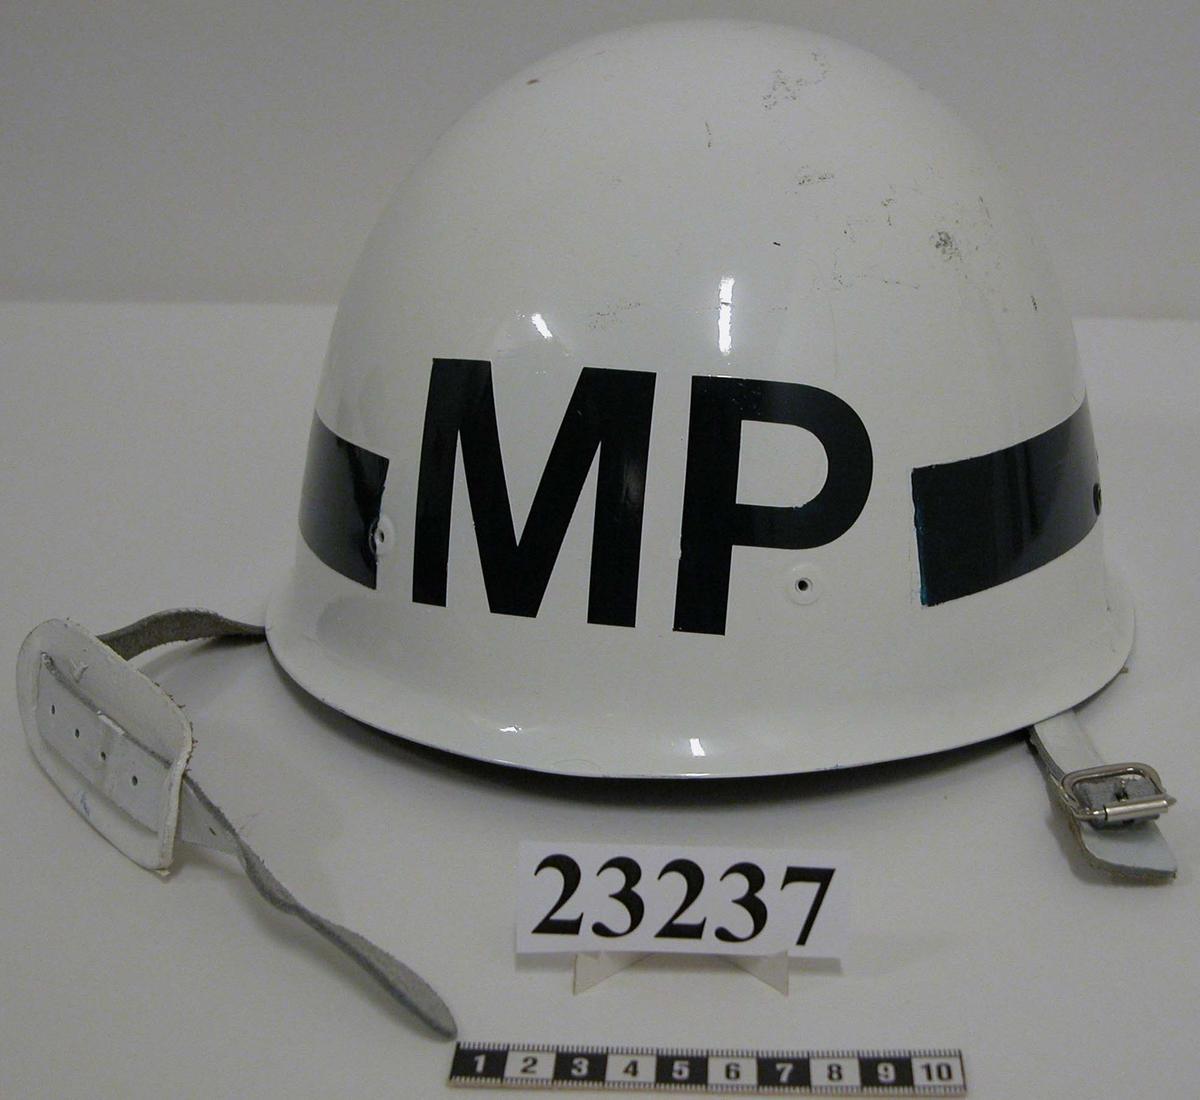 """Vit hjälm av plast som försetts med militärpolisbeteckning genom att bokstavssätten MP i blått fäst på hjälmen. Bokstavssätten är gjorda i självhäftande plast och består av bokstäverna M och P samt ett bågformat 40 mm brett band. M och P är placerade mitt fram på hjälmen och det 40 mm breda bandet löper runt hjälmen 2 cm från kanten. Hakrem av vitt läder med förnicklat spänne. Hjäminredning av plast, svettrem av naturfärgat läder, stämplad 59 -63 och hjässband av textil. På hjälmens insida , gjutet i plasten """" Tre konor Gr.75 SW 75, samt vit tejp med siffrorna 616 i blått"""